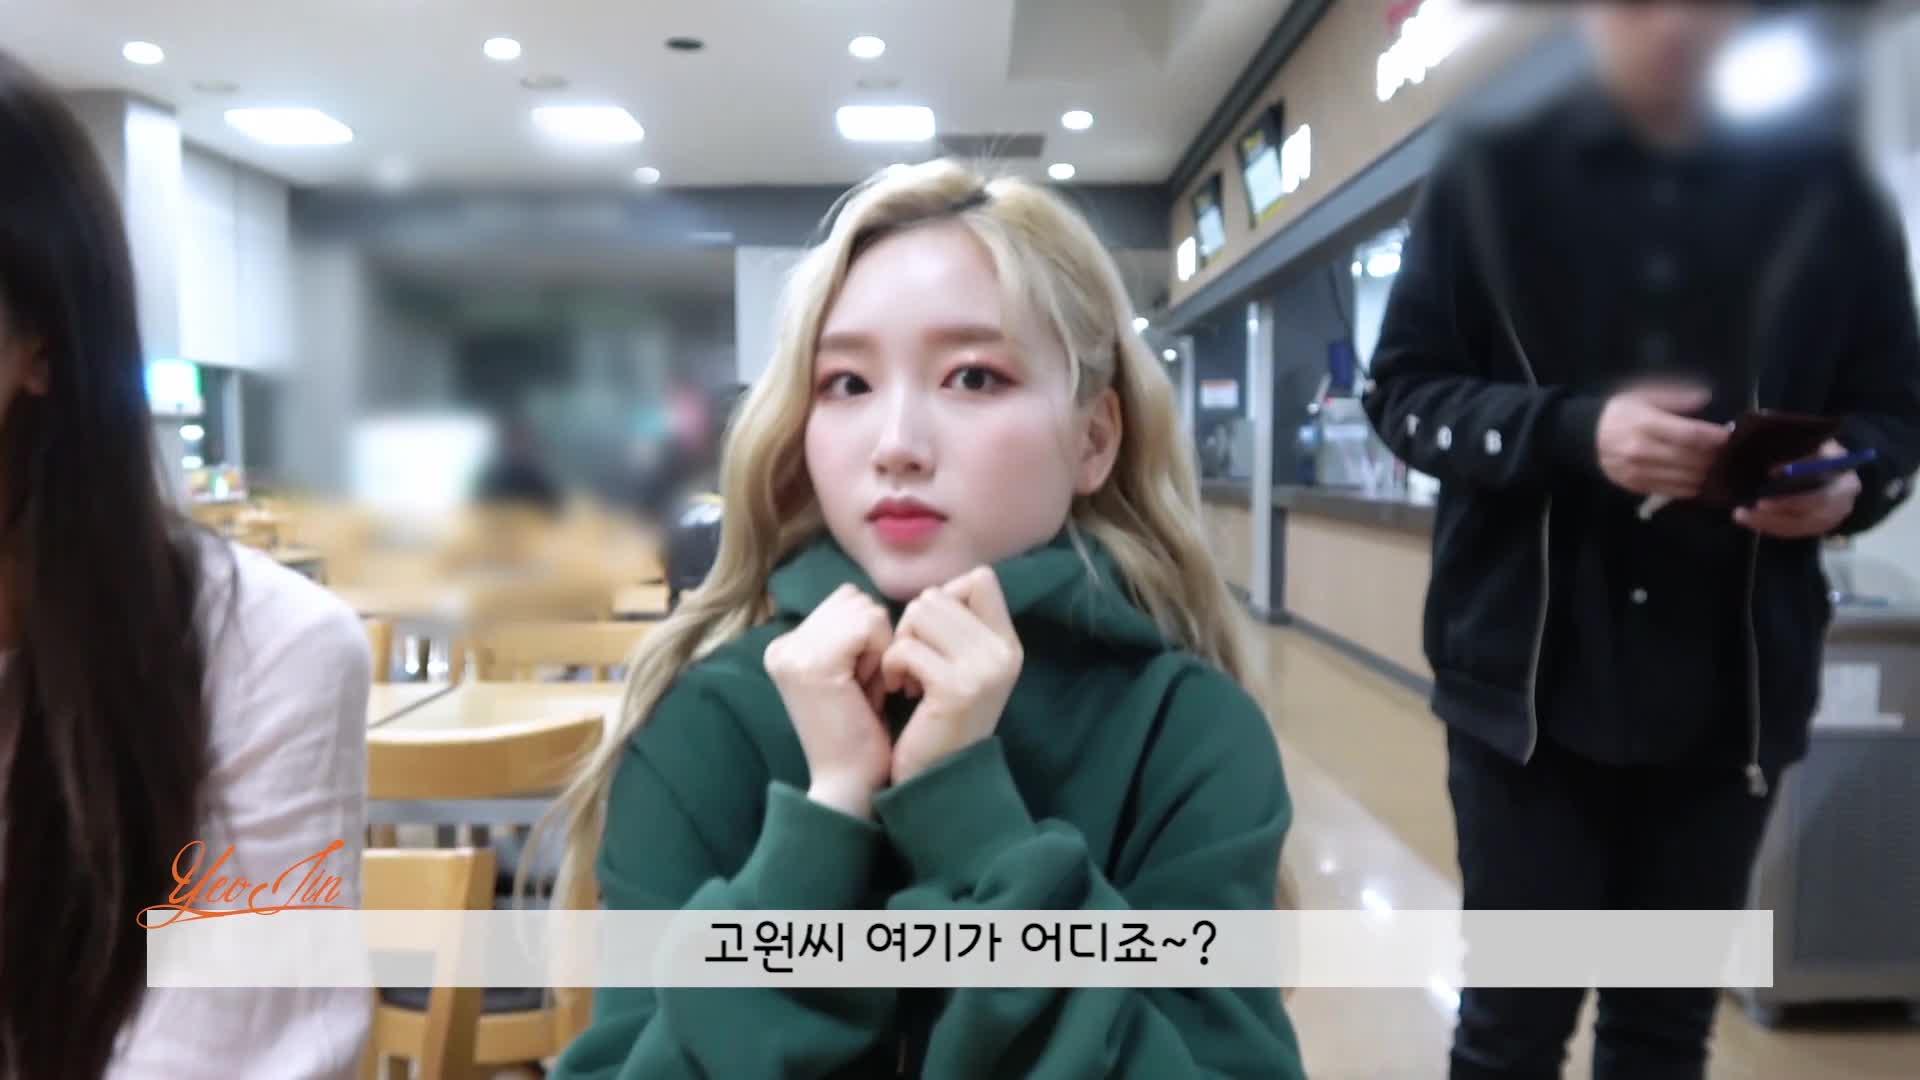 이달의소녀탐구 #524 (LOONA TV #524) GIFs